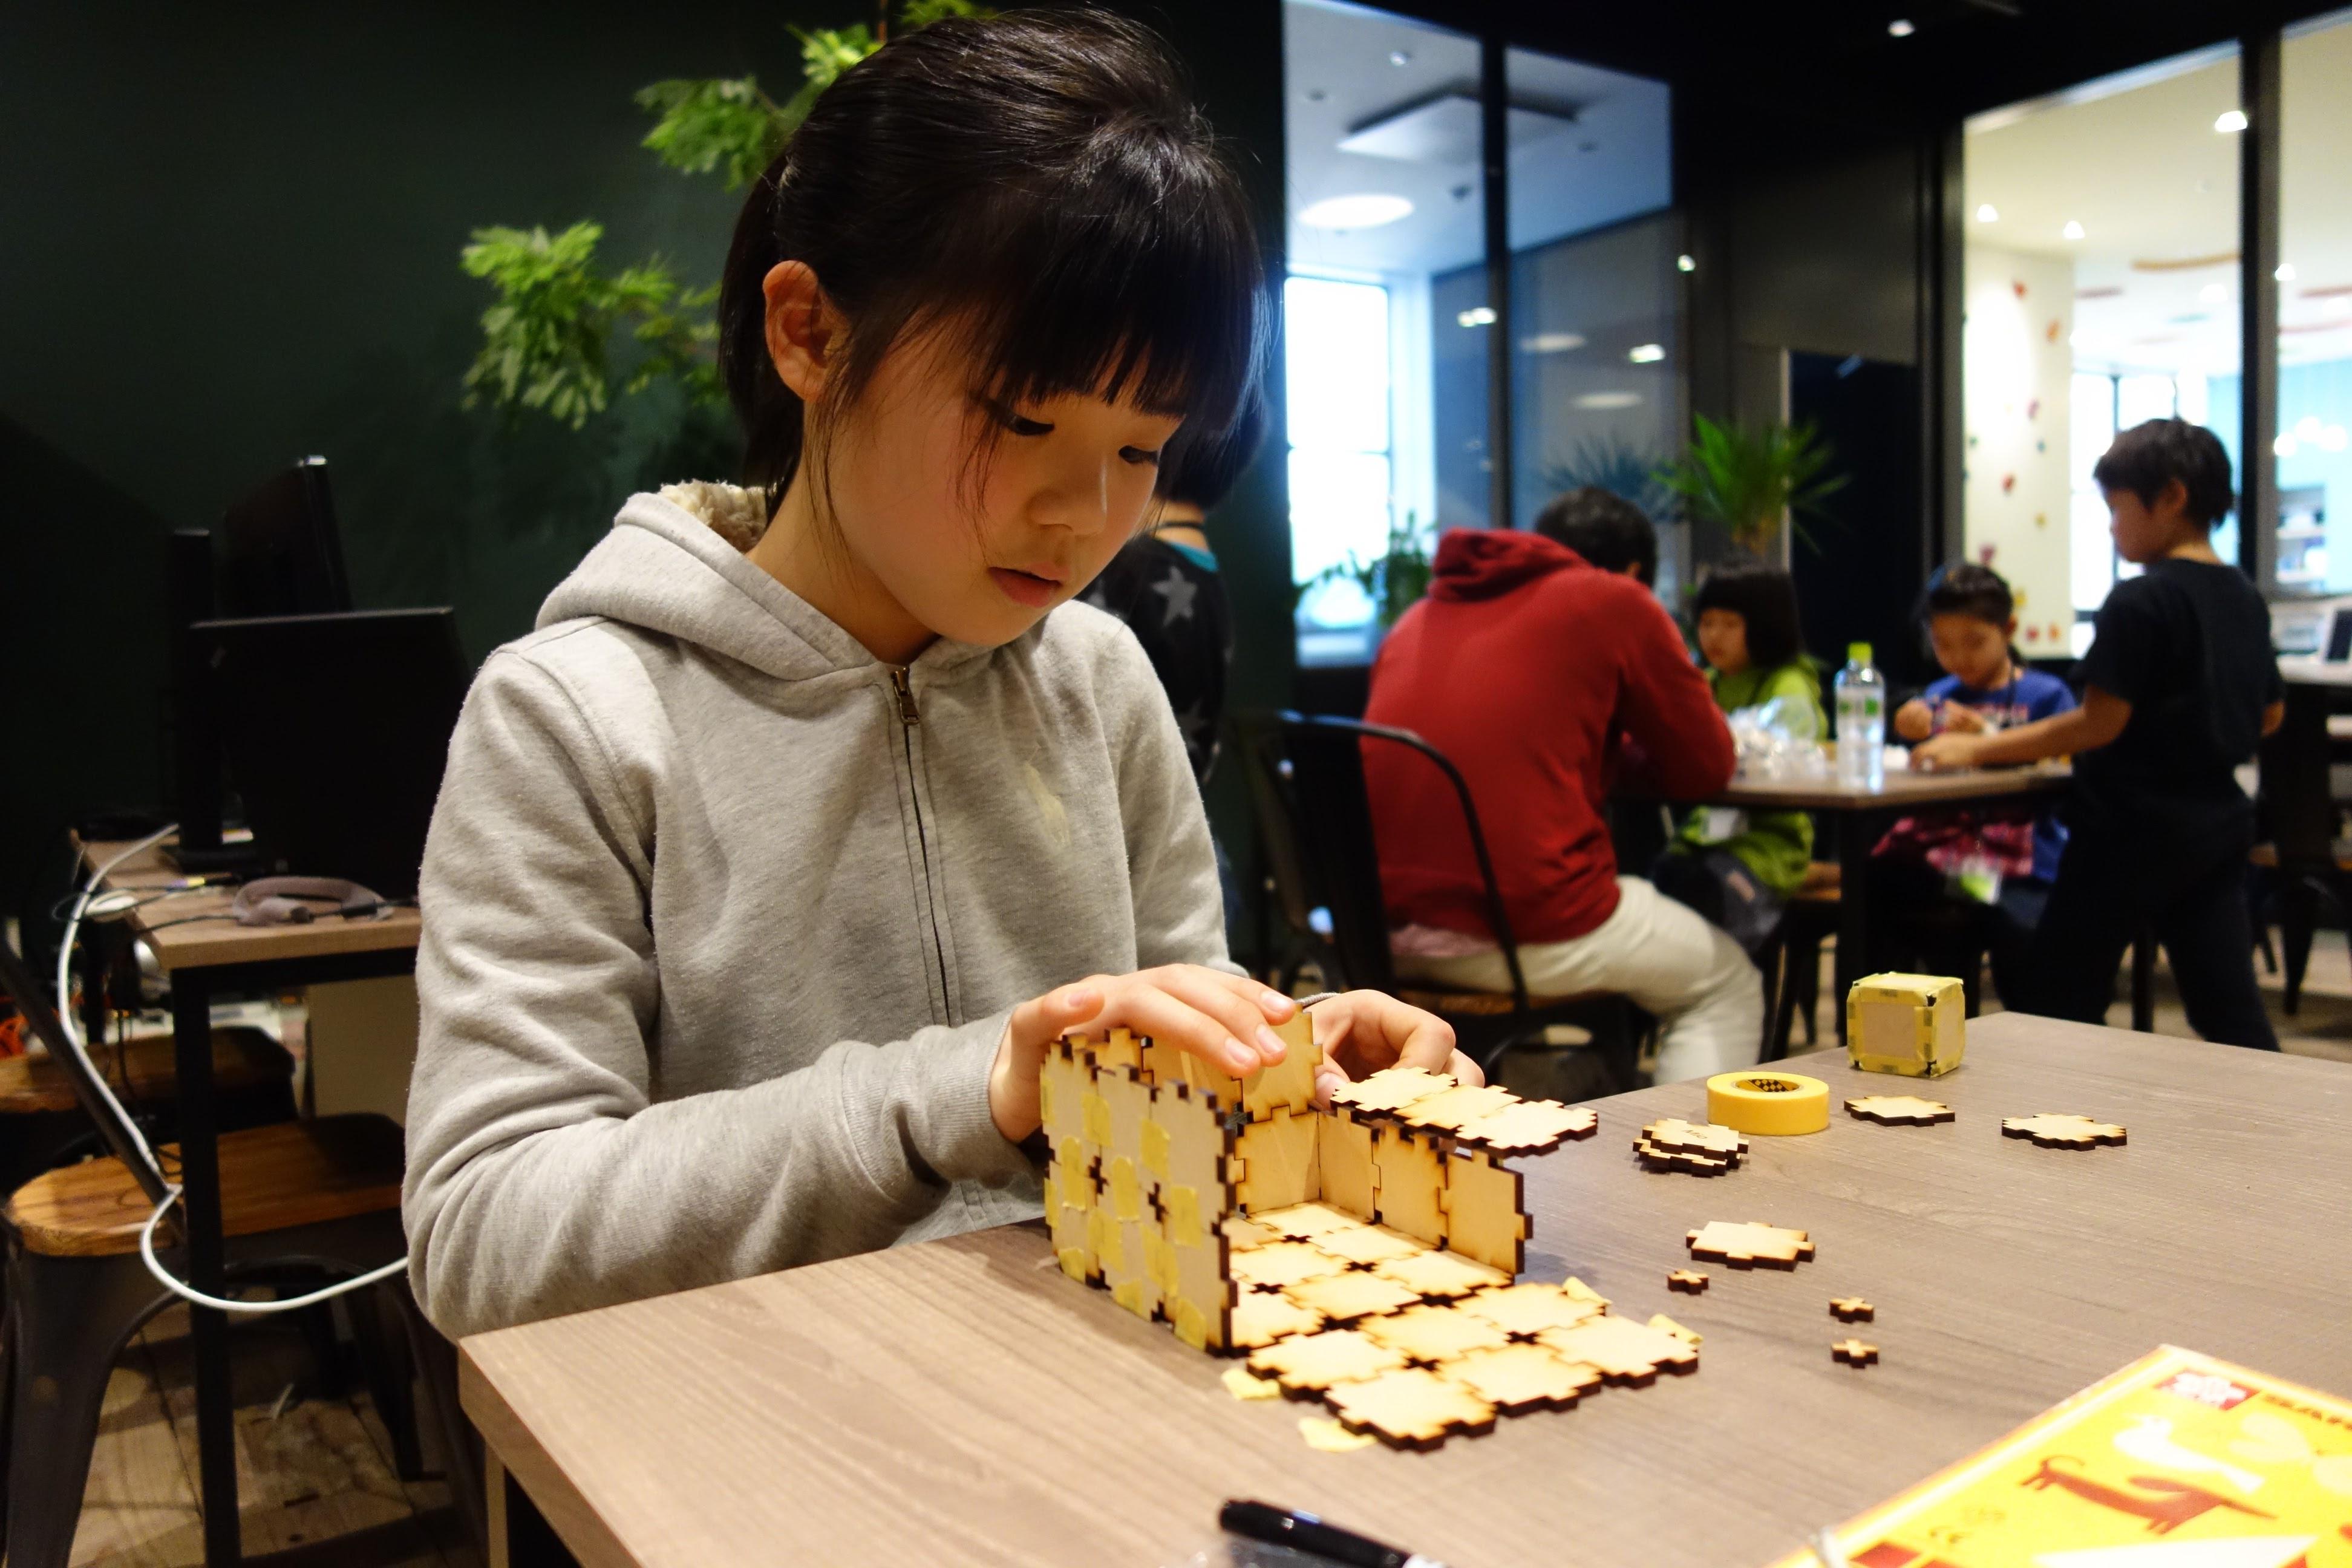 【満席】2月11日(土)・26日(日)にプログラミングや工作を体験できる「オープンスクール」を開催します